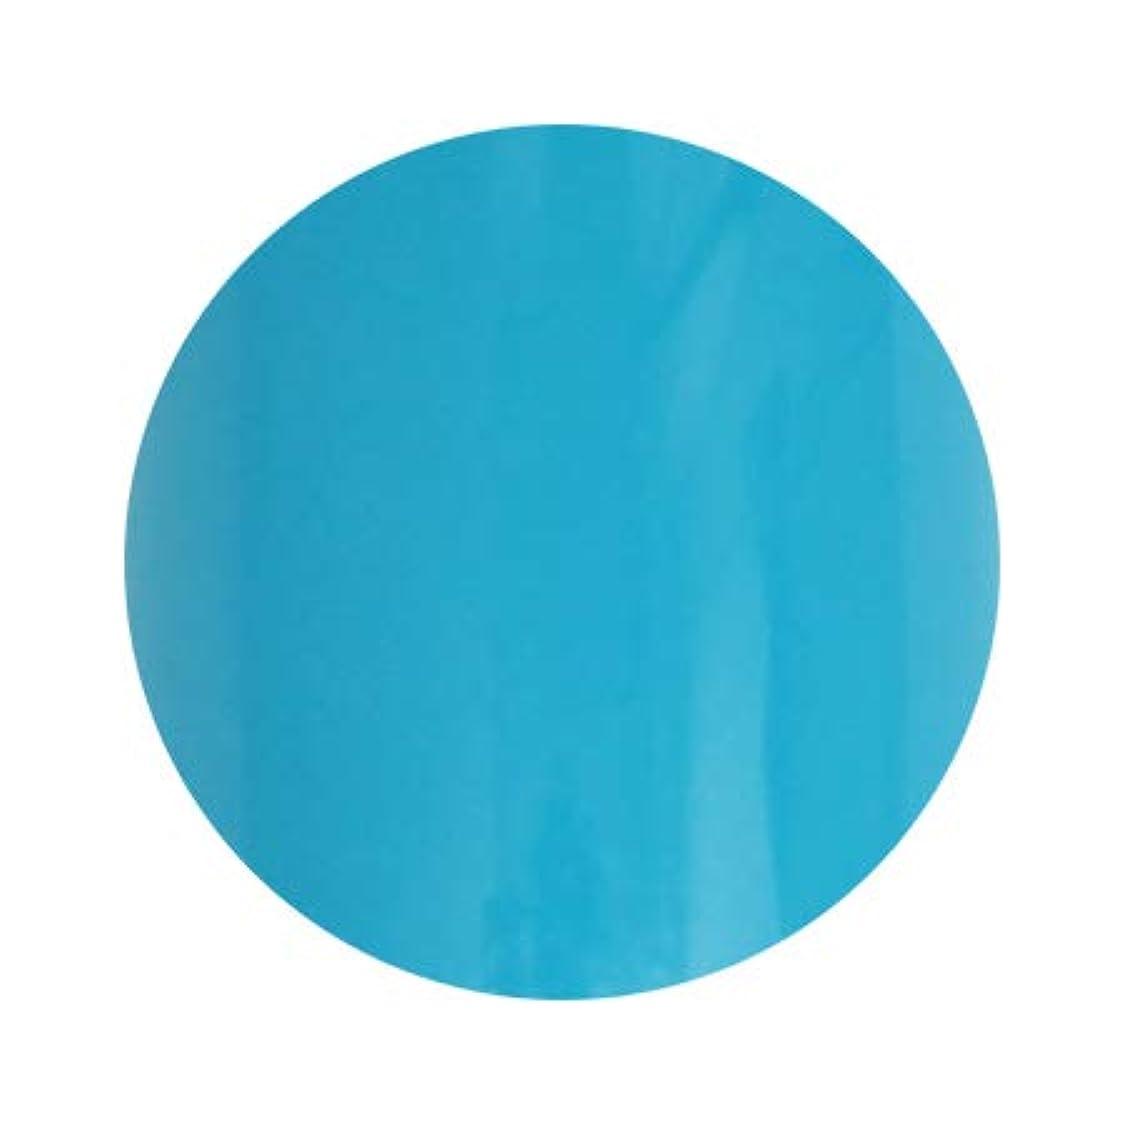 LUCU GEL ルクジェル カラー BLM14 ネイティブブルー 3.5g